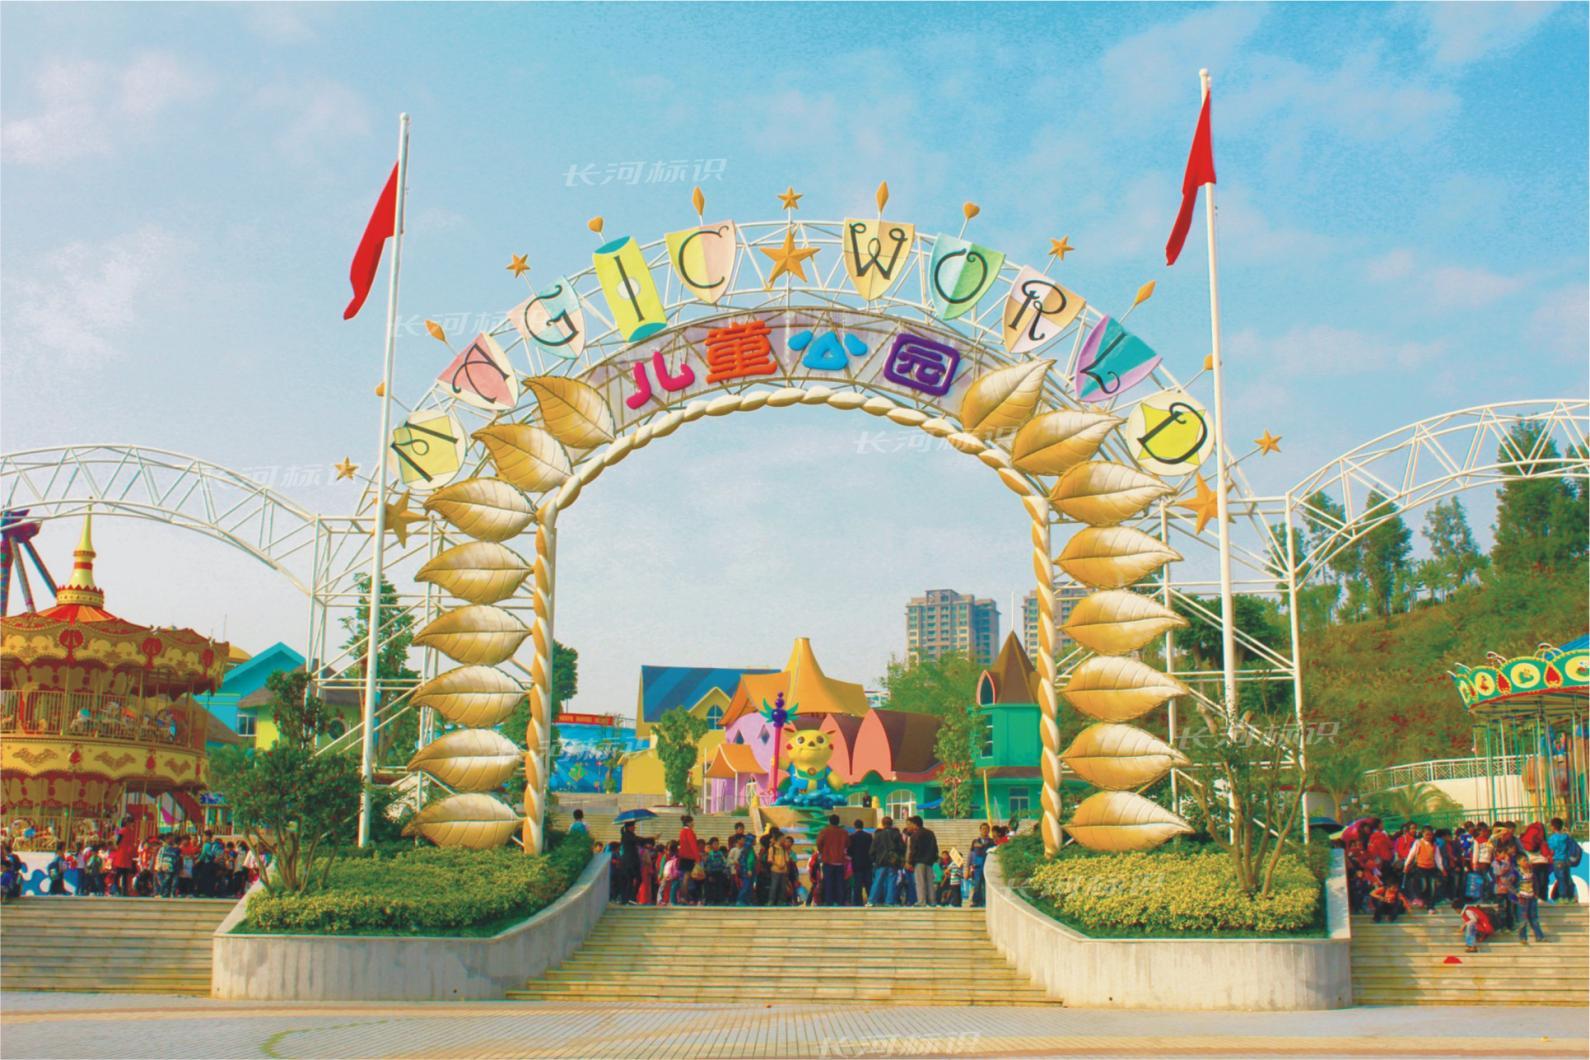 南宁市凤岭儿童公园景区标识系统的设计理念